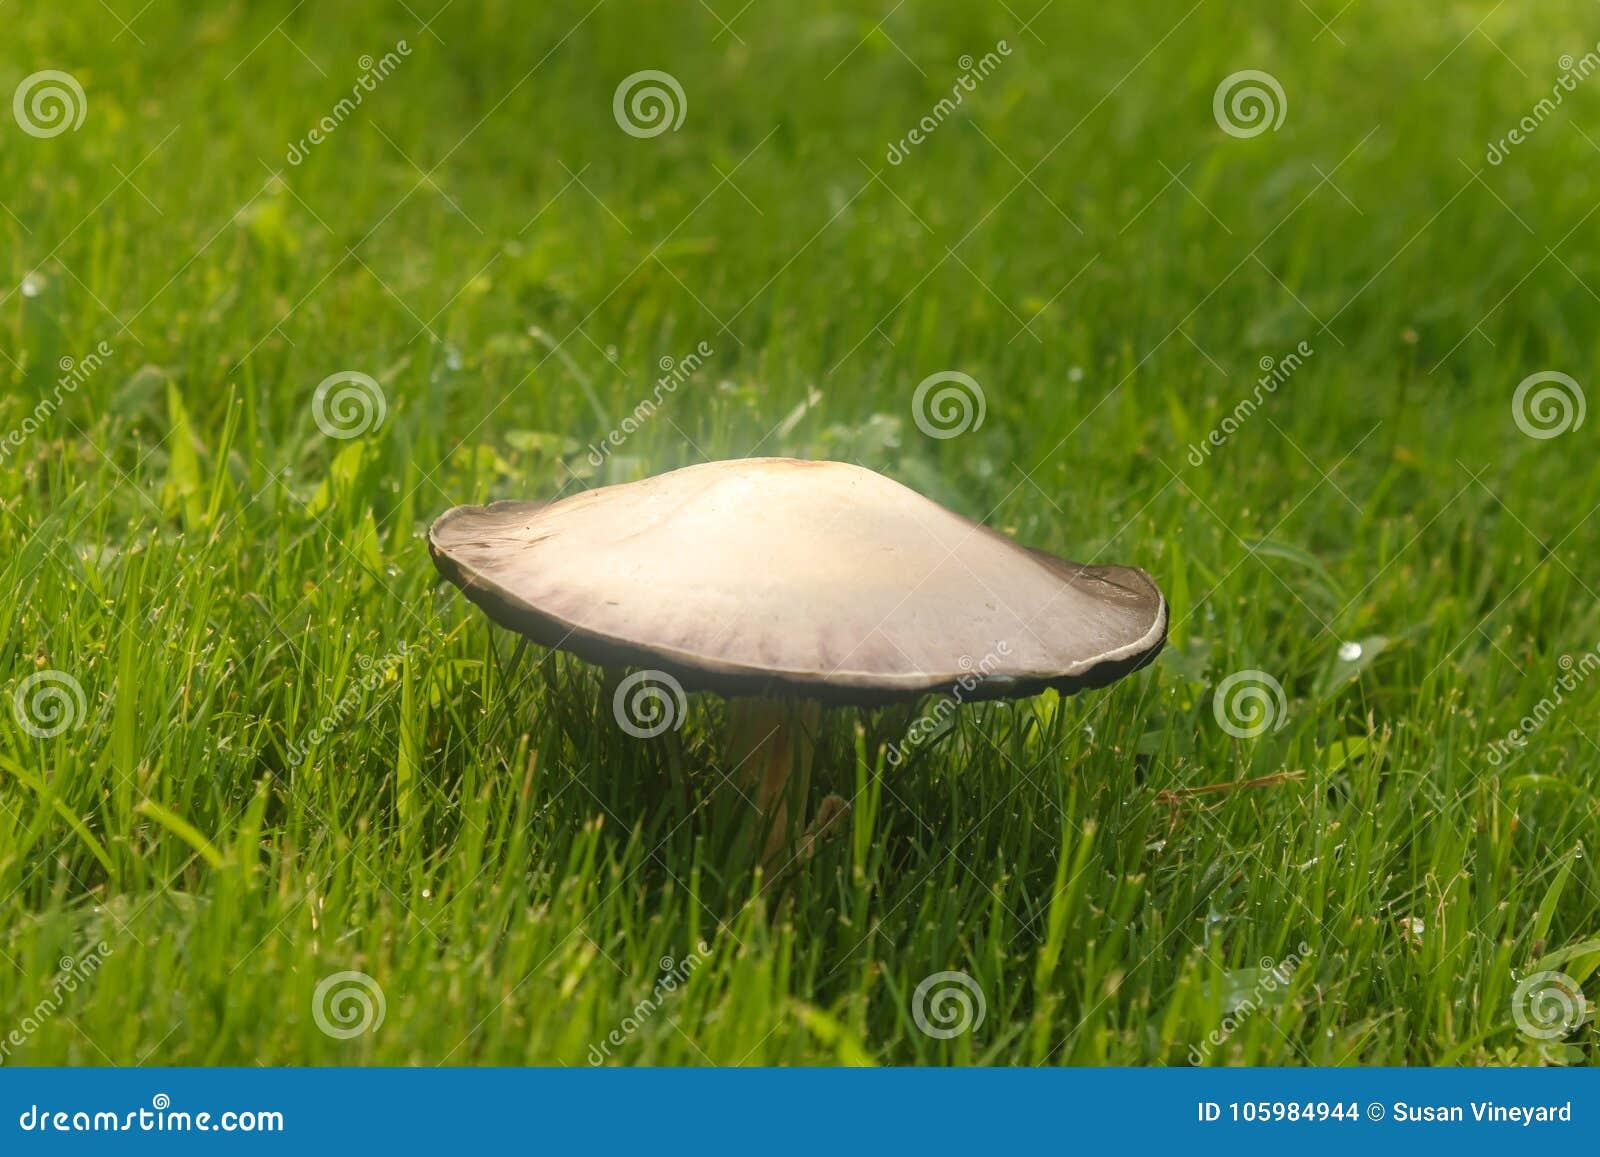 Paddestoel het groeien in groen gras met waterdruppeltjes - selectieve nadruk